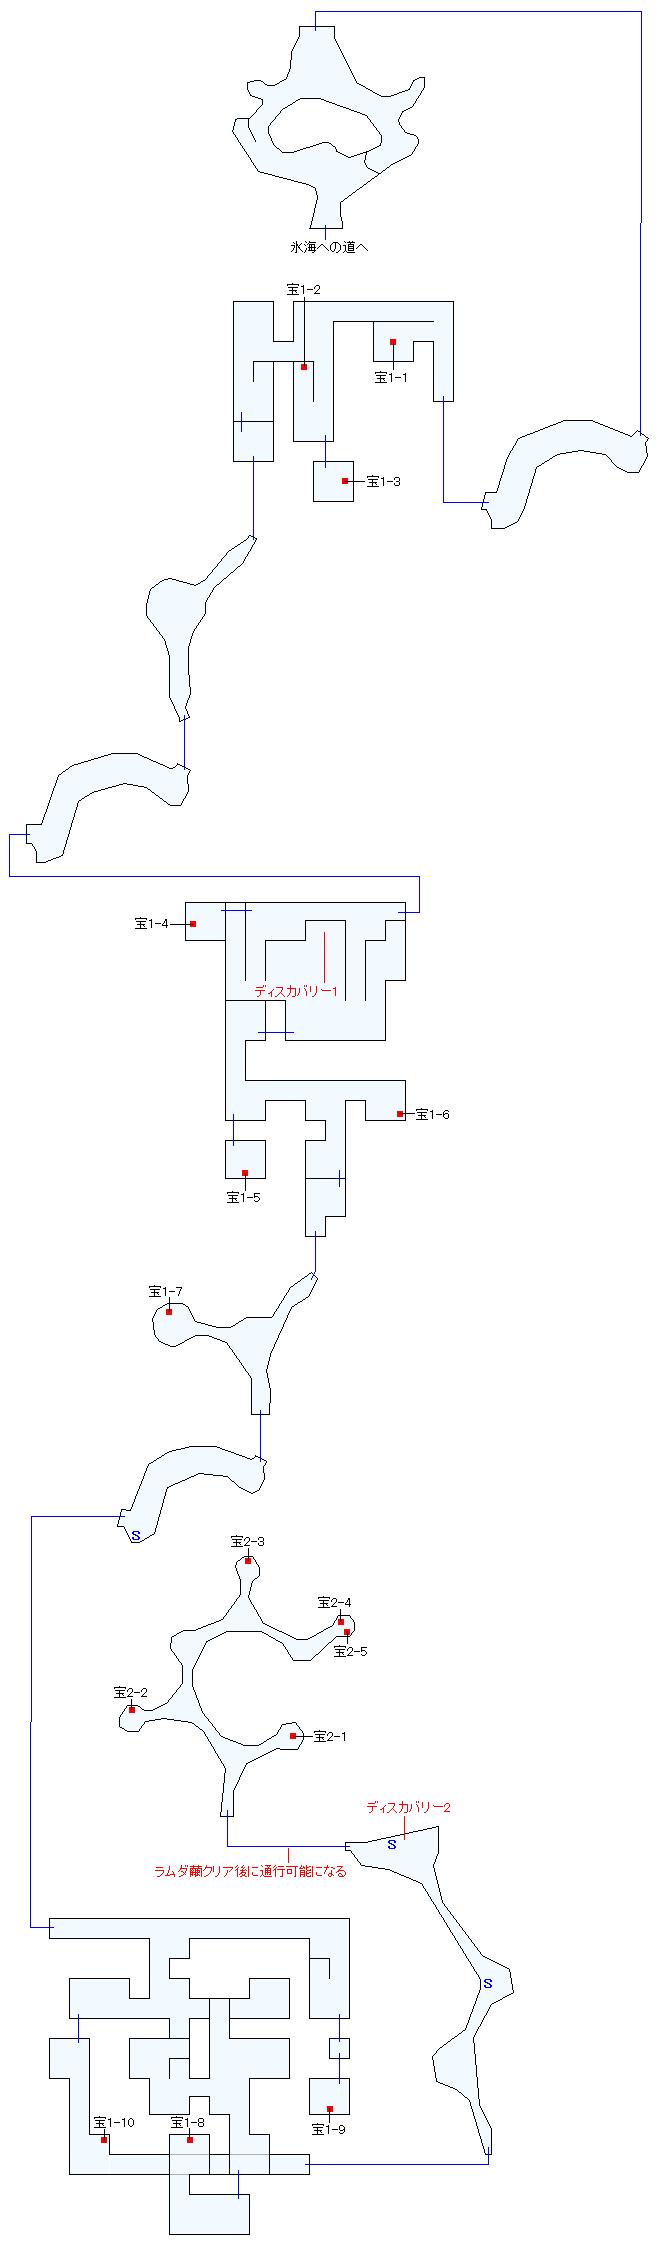 フェンデル氷山遺跡(本編)マップ